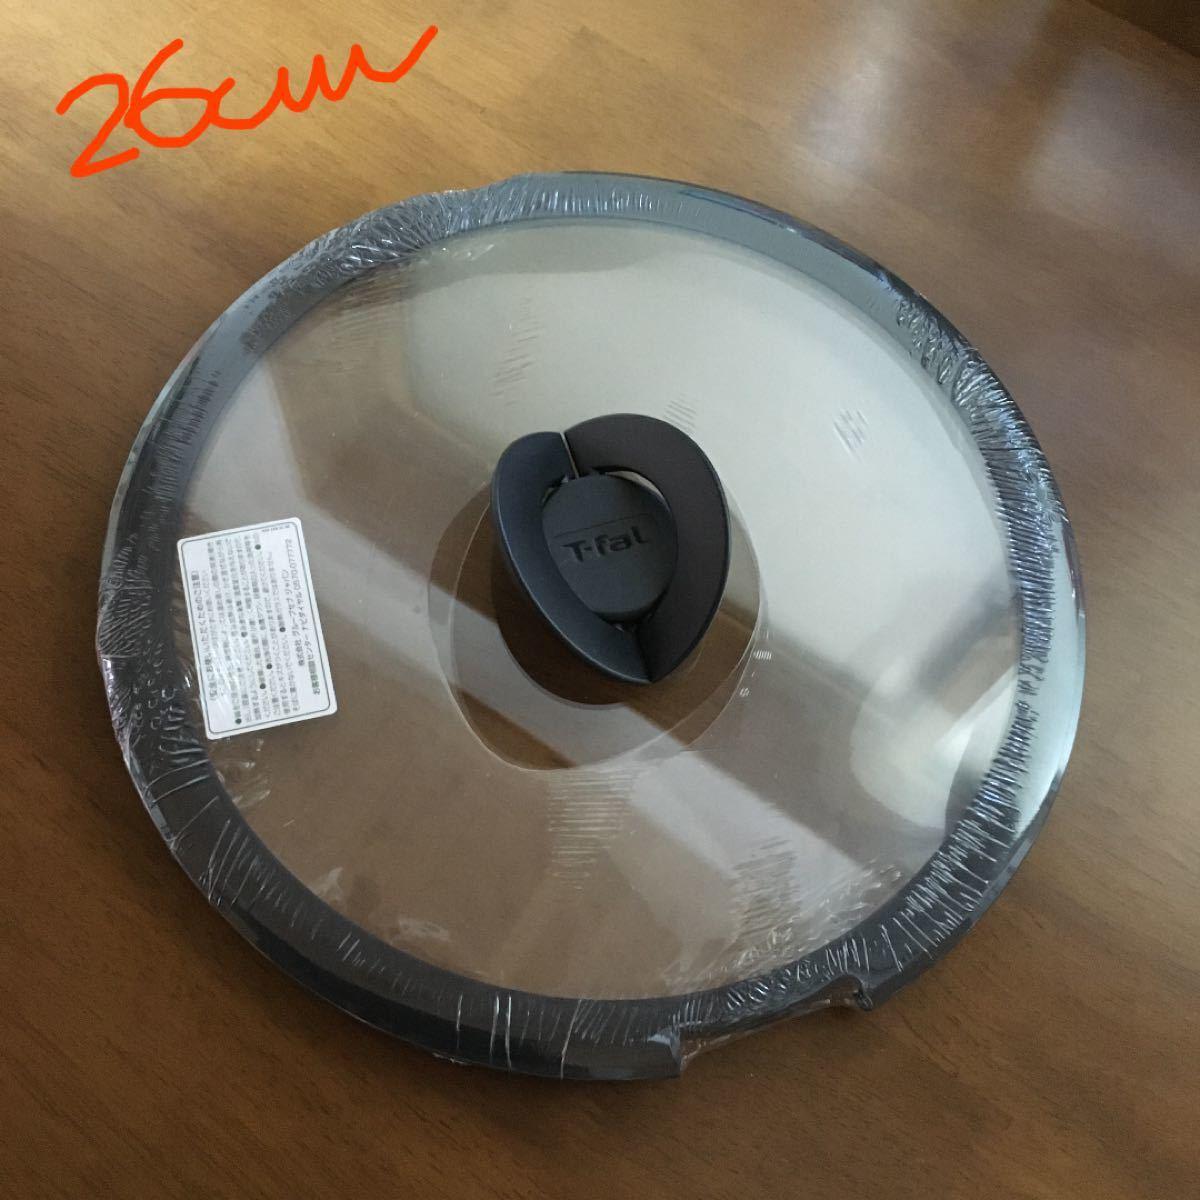 ティファール T-fal バタフライガラス蓋26cm